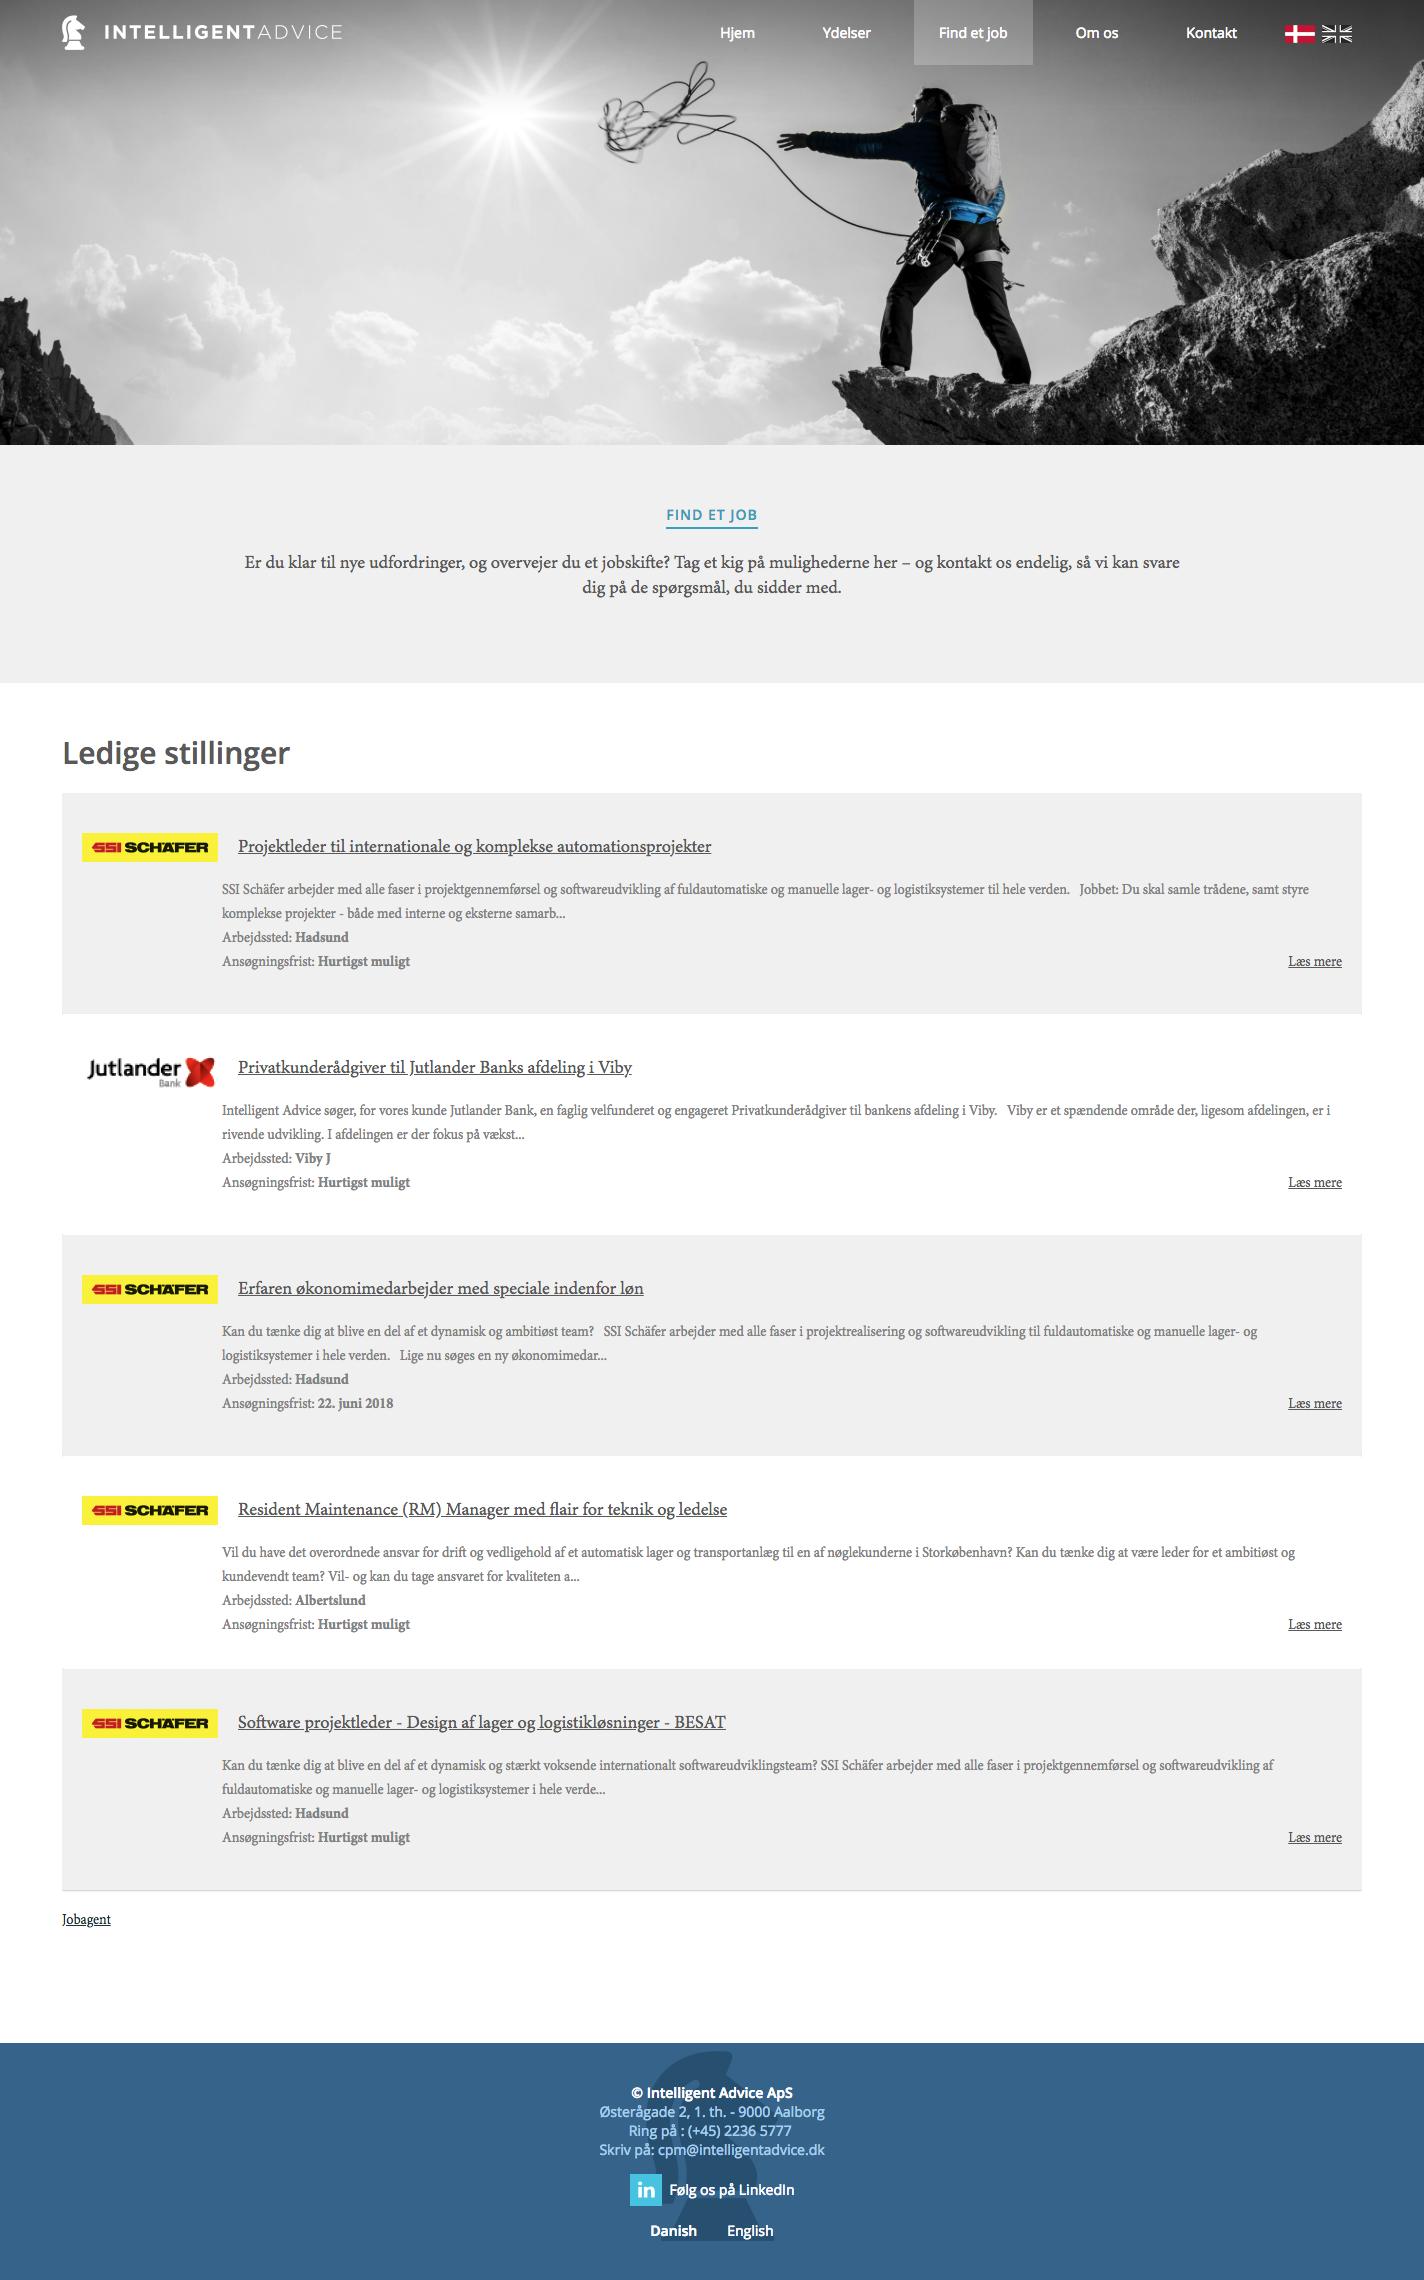 screencapture-intelligentadvice-dk-ledige-stillinger-2018-05-18-13_46_26.png